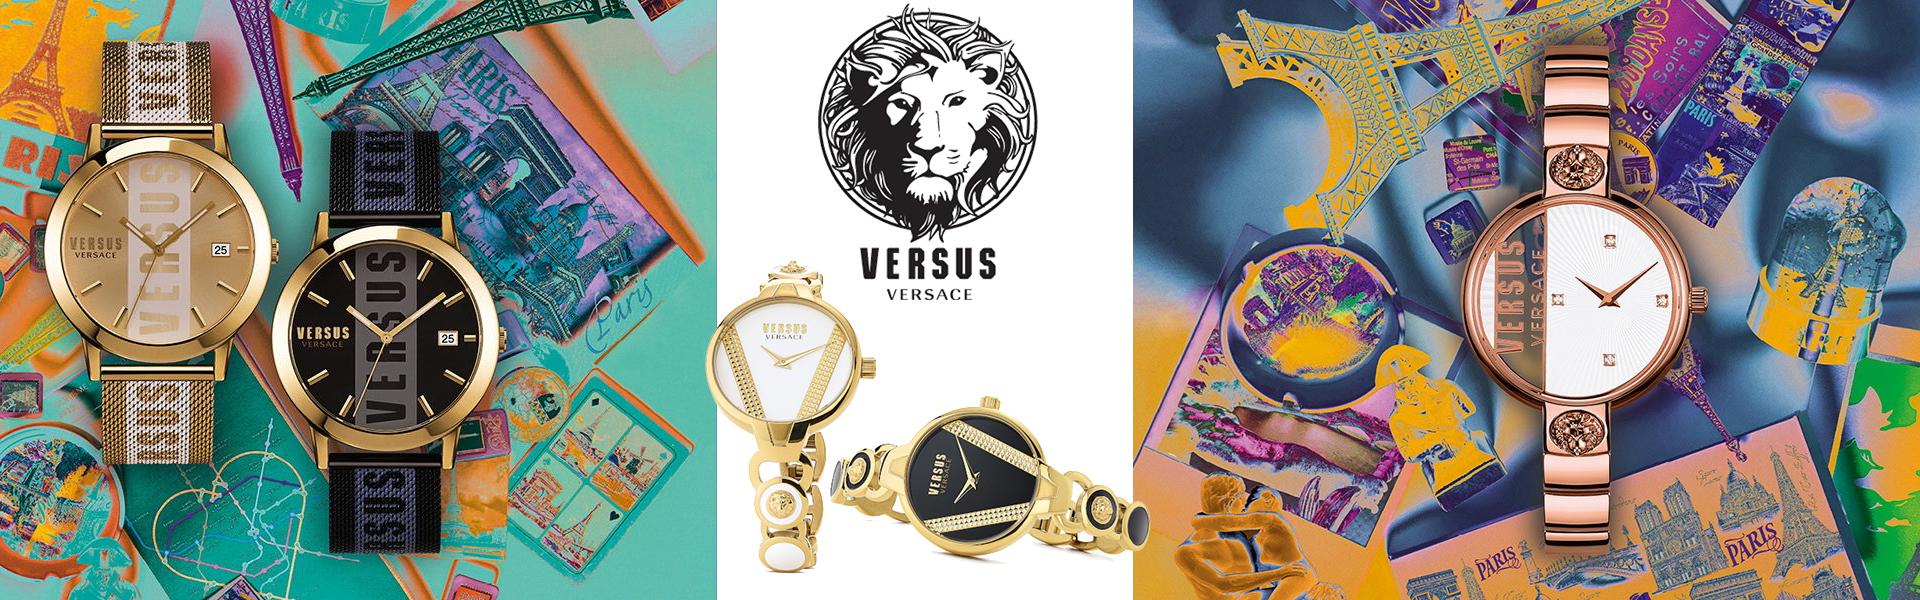 Versus-Versace_Banner